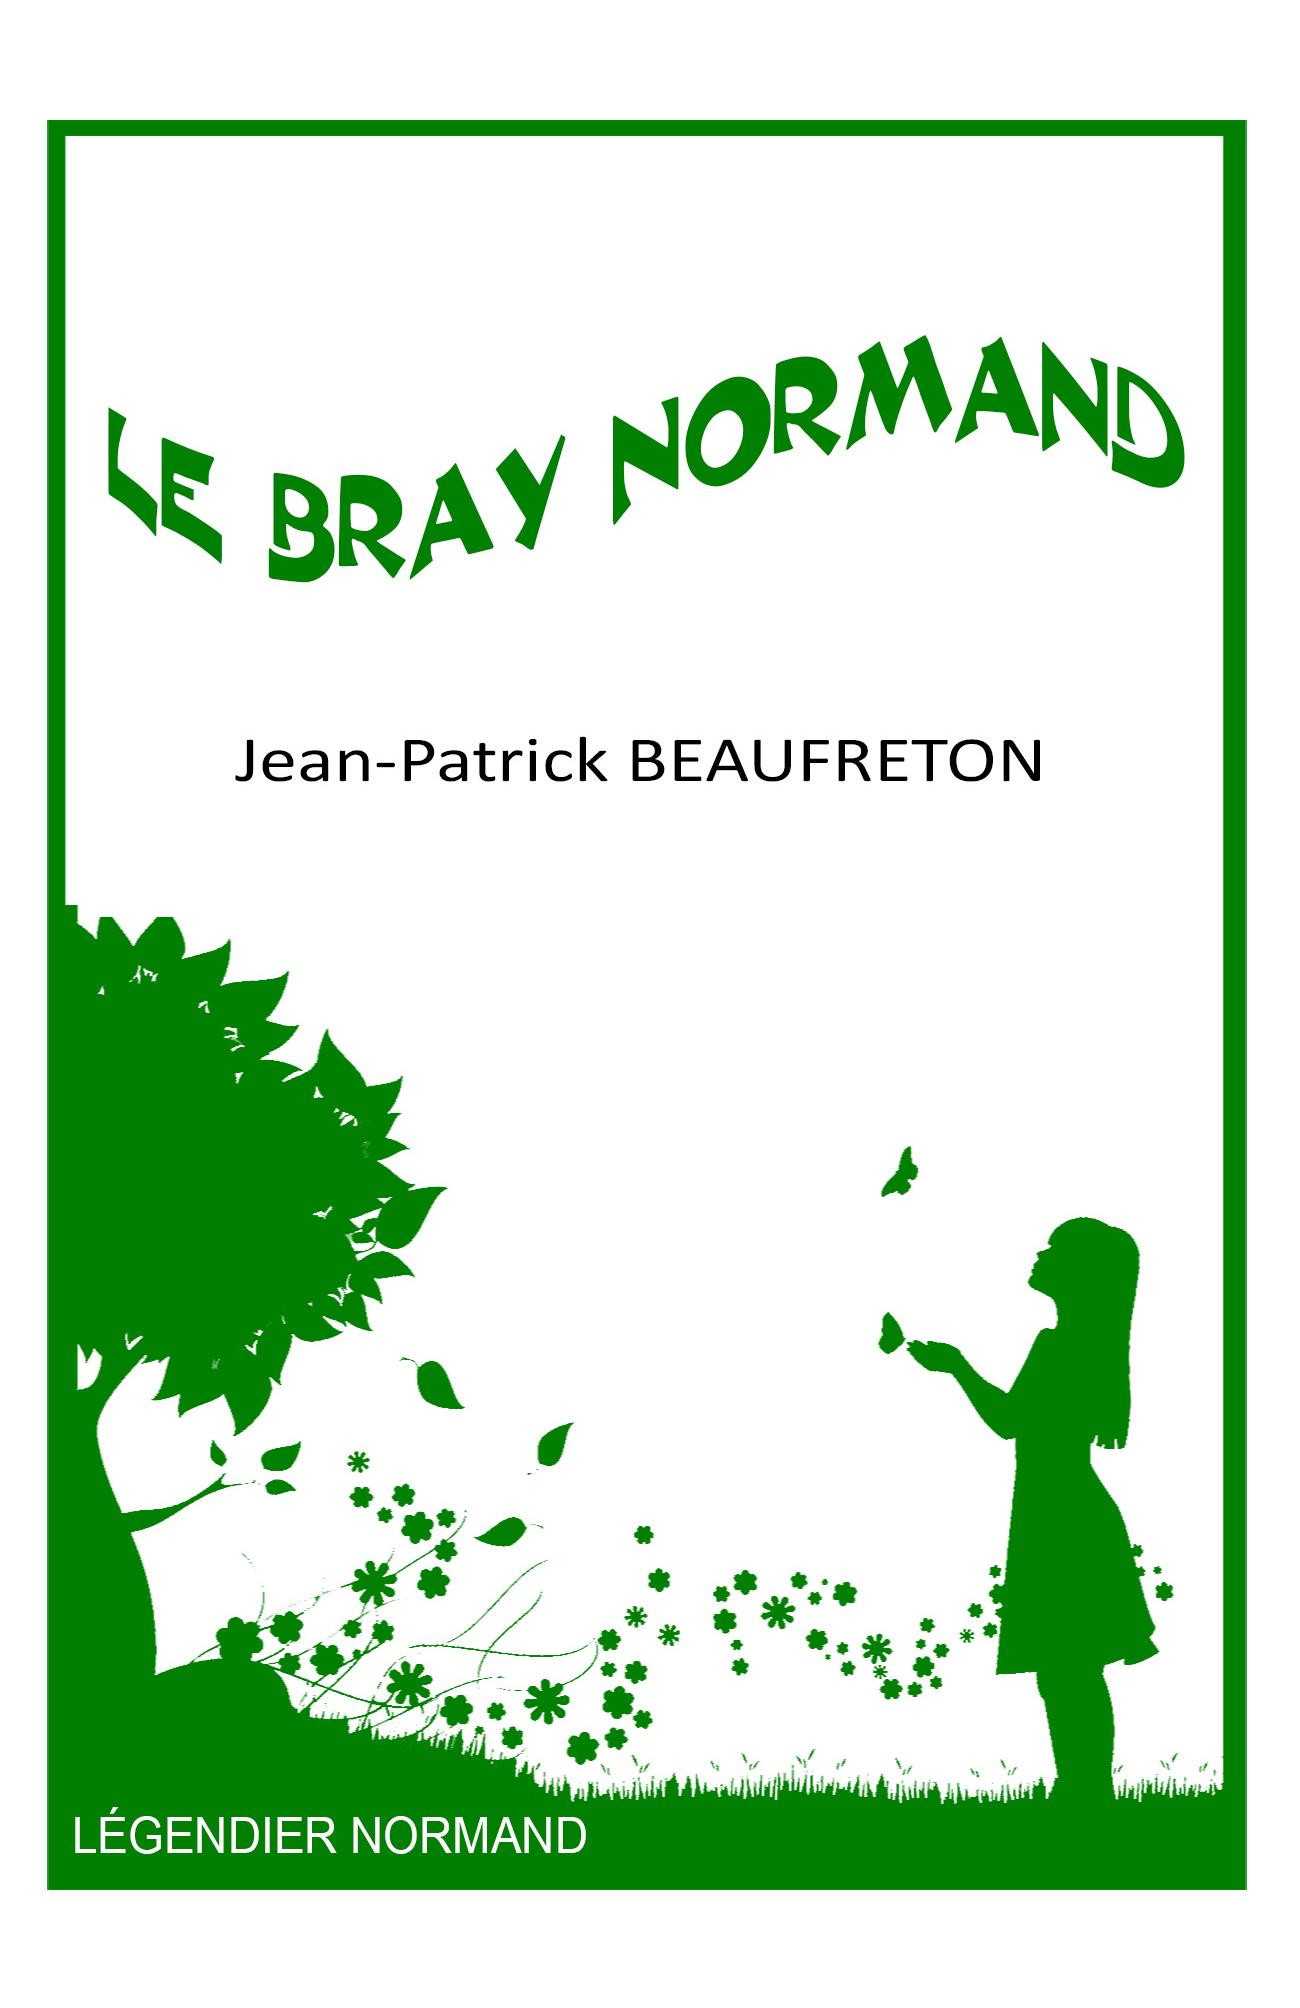 Légendier du pays de Bray normand